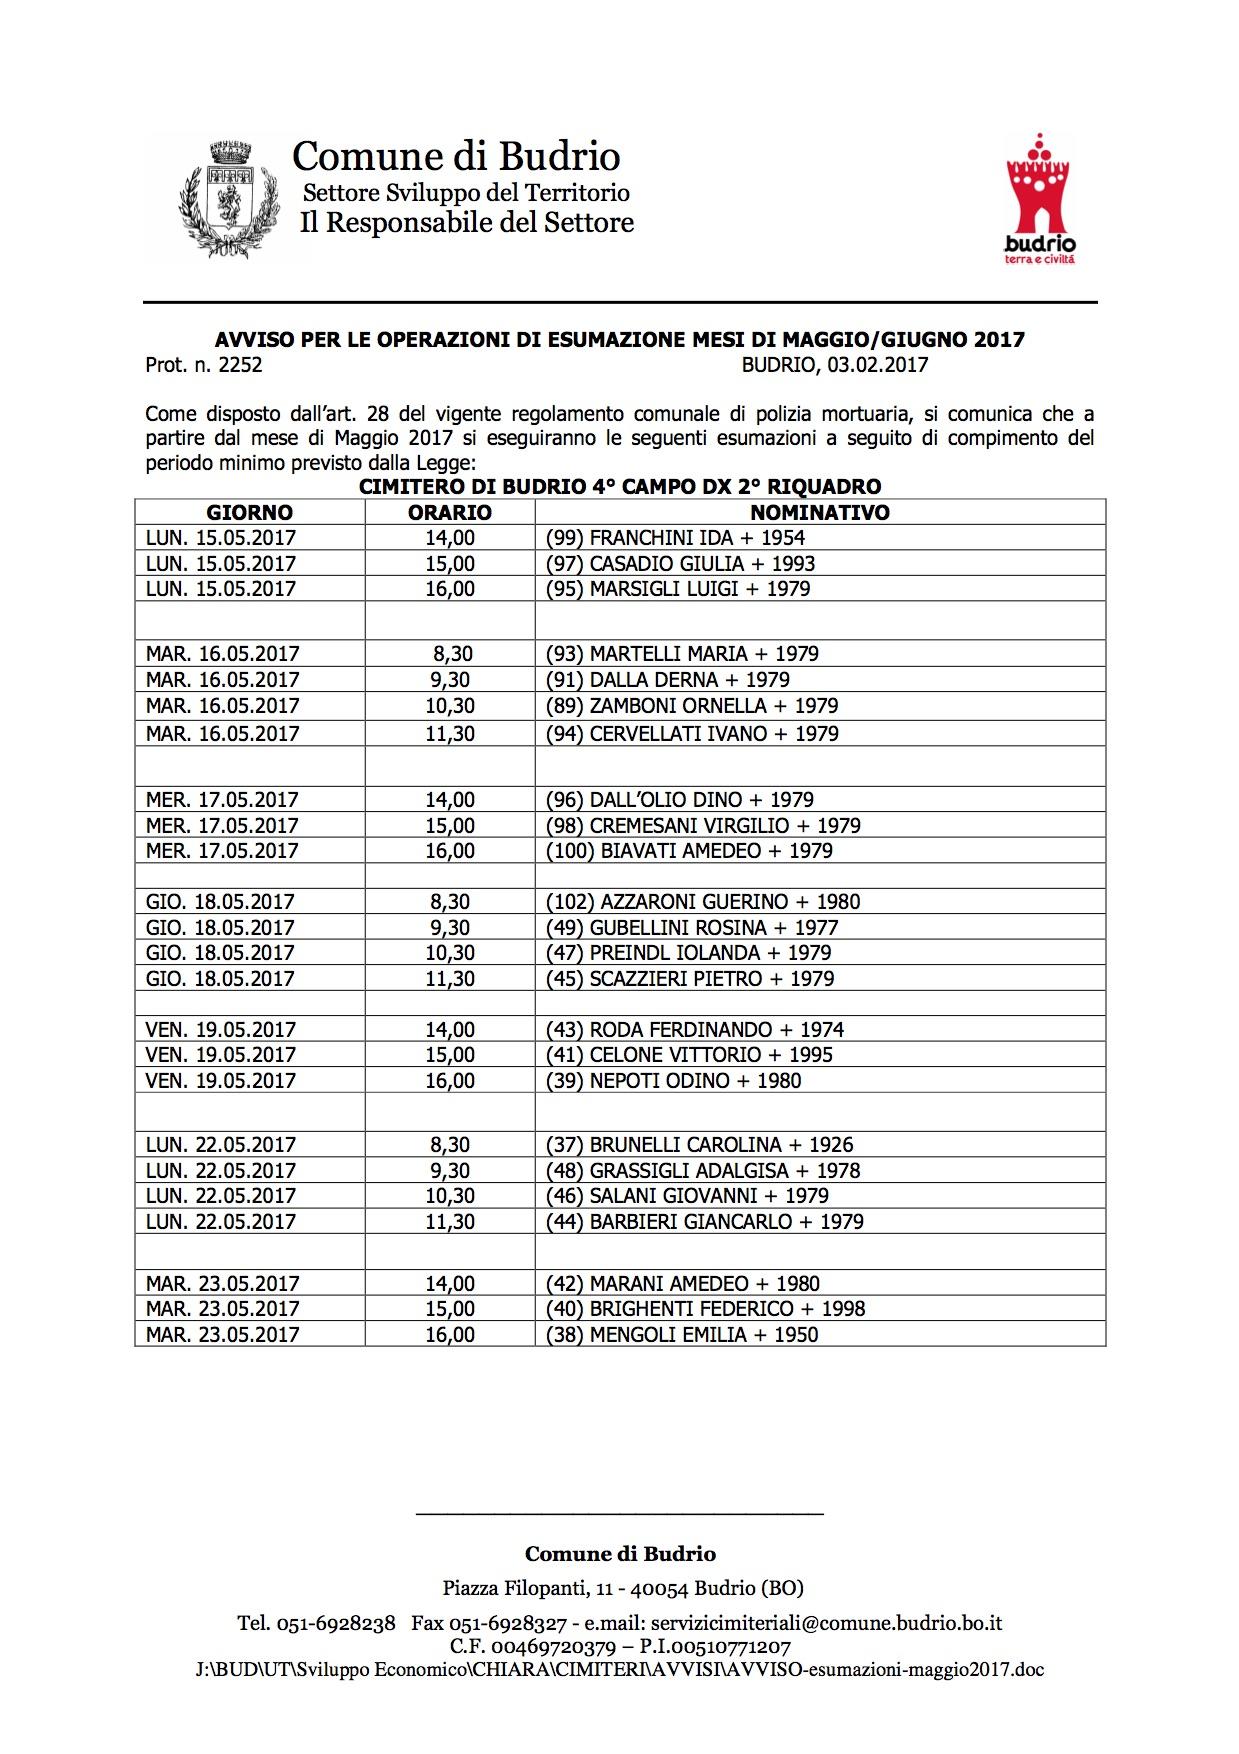 AVVISO-esumazioni-maggio2017.doc[3]